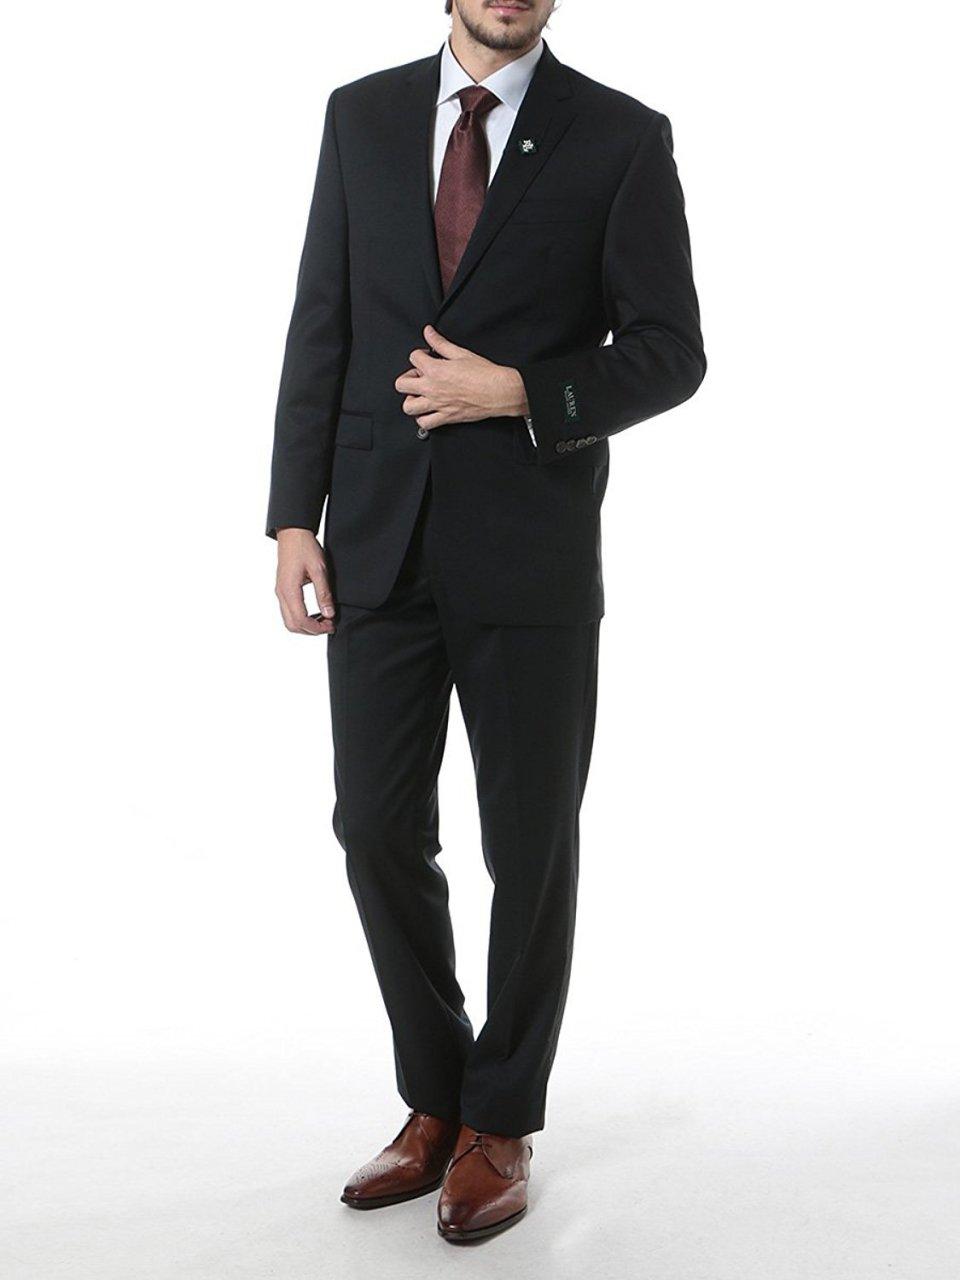 20代でも着こなせる「メンズスーツブランド」10選:若くてもカッコイイ「スーツ」を着たい 10番目の画像